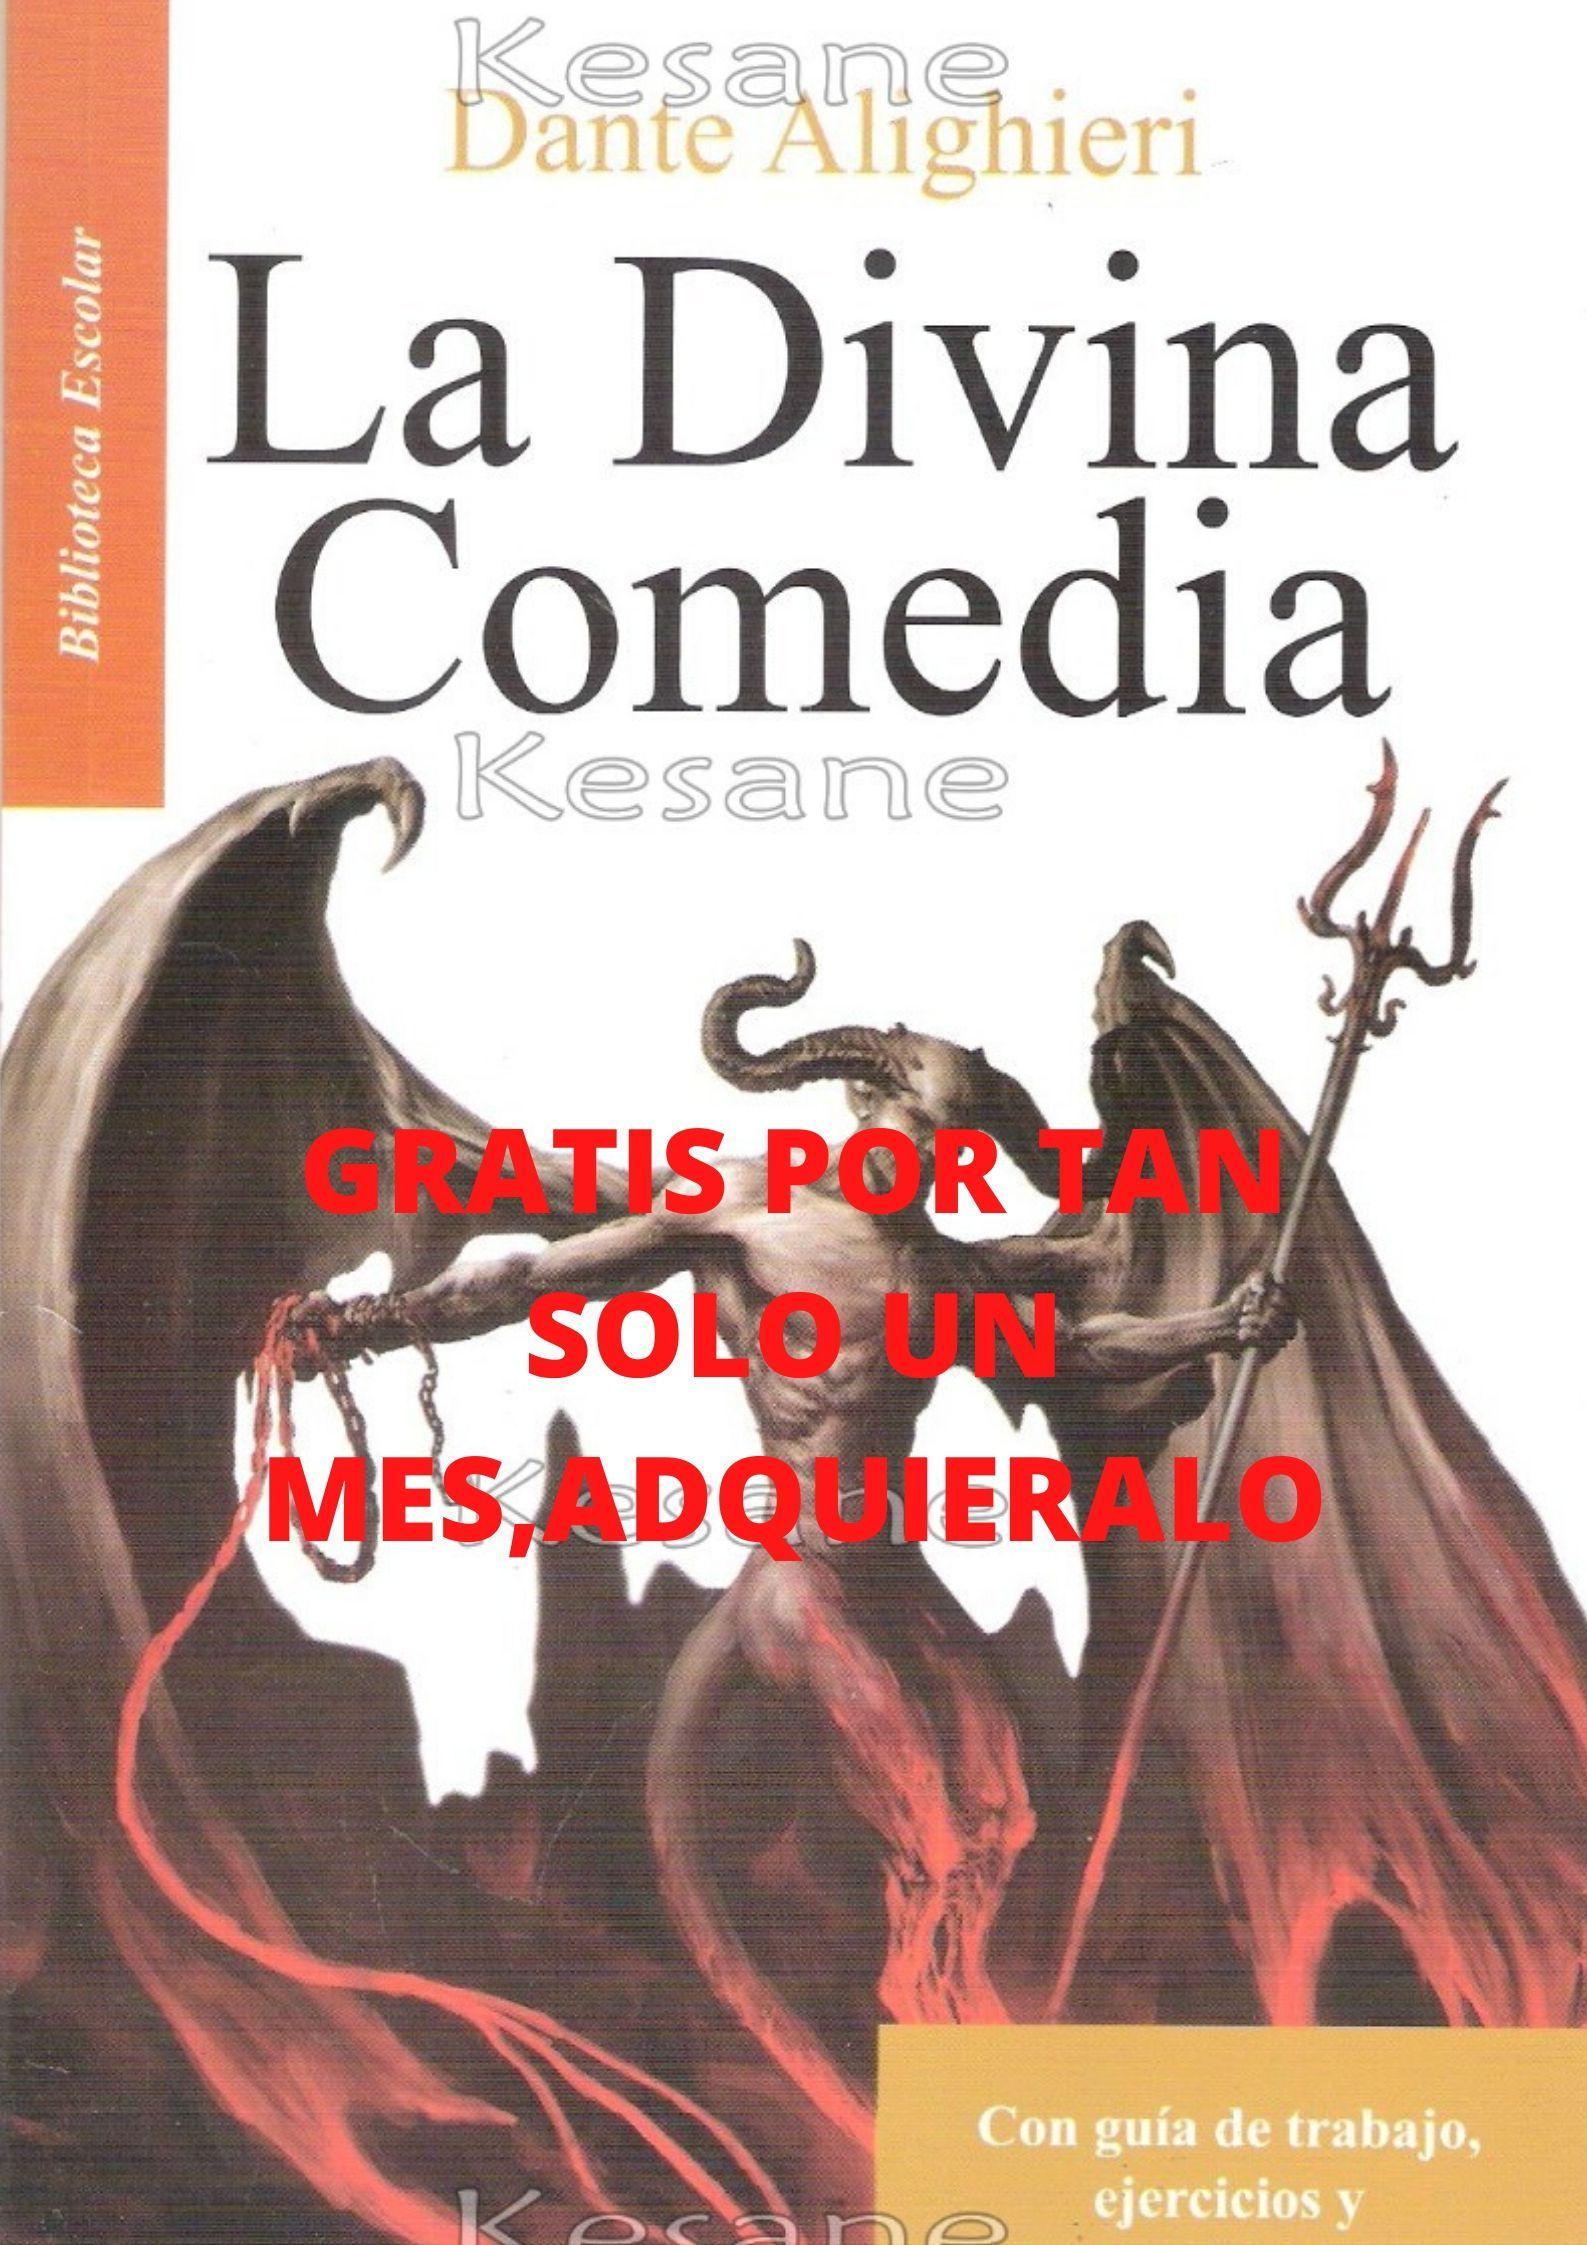 La Divina Comedia Dante Alighieri Comedy Movie Posters Divine